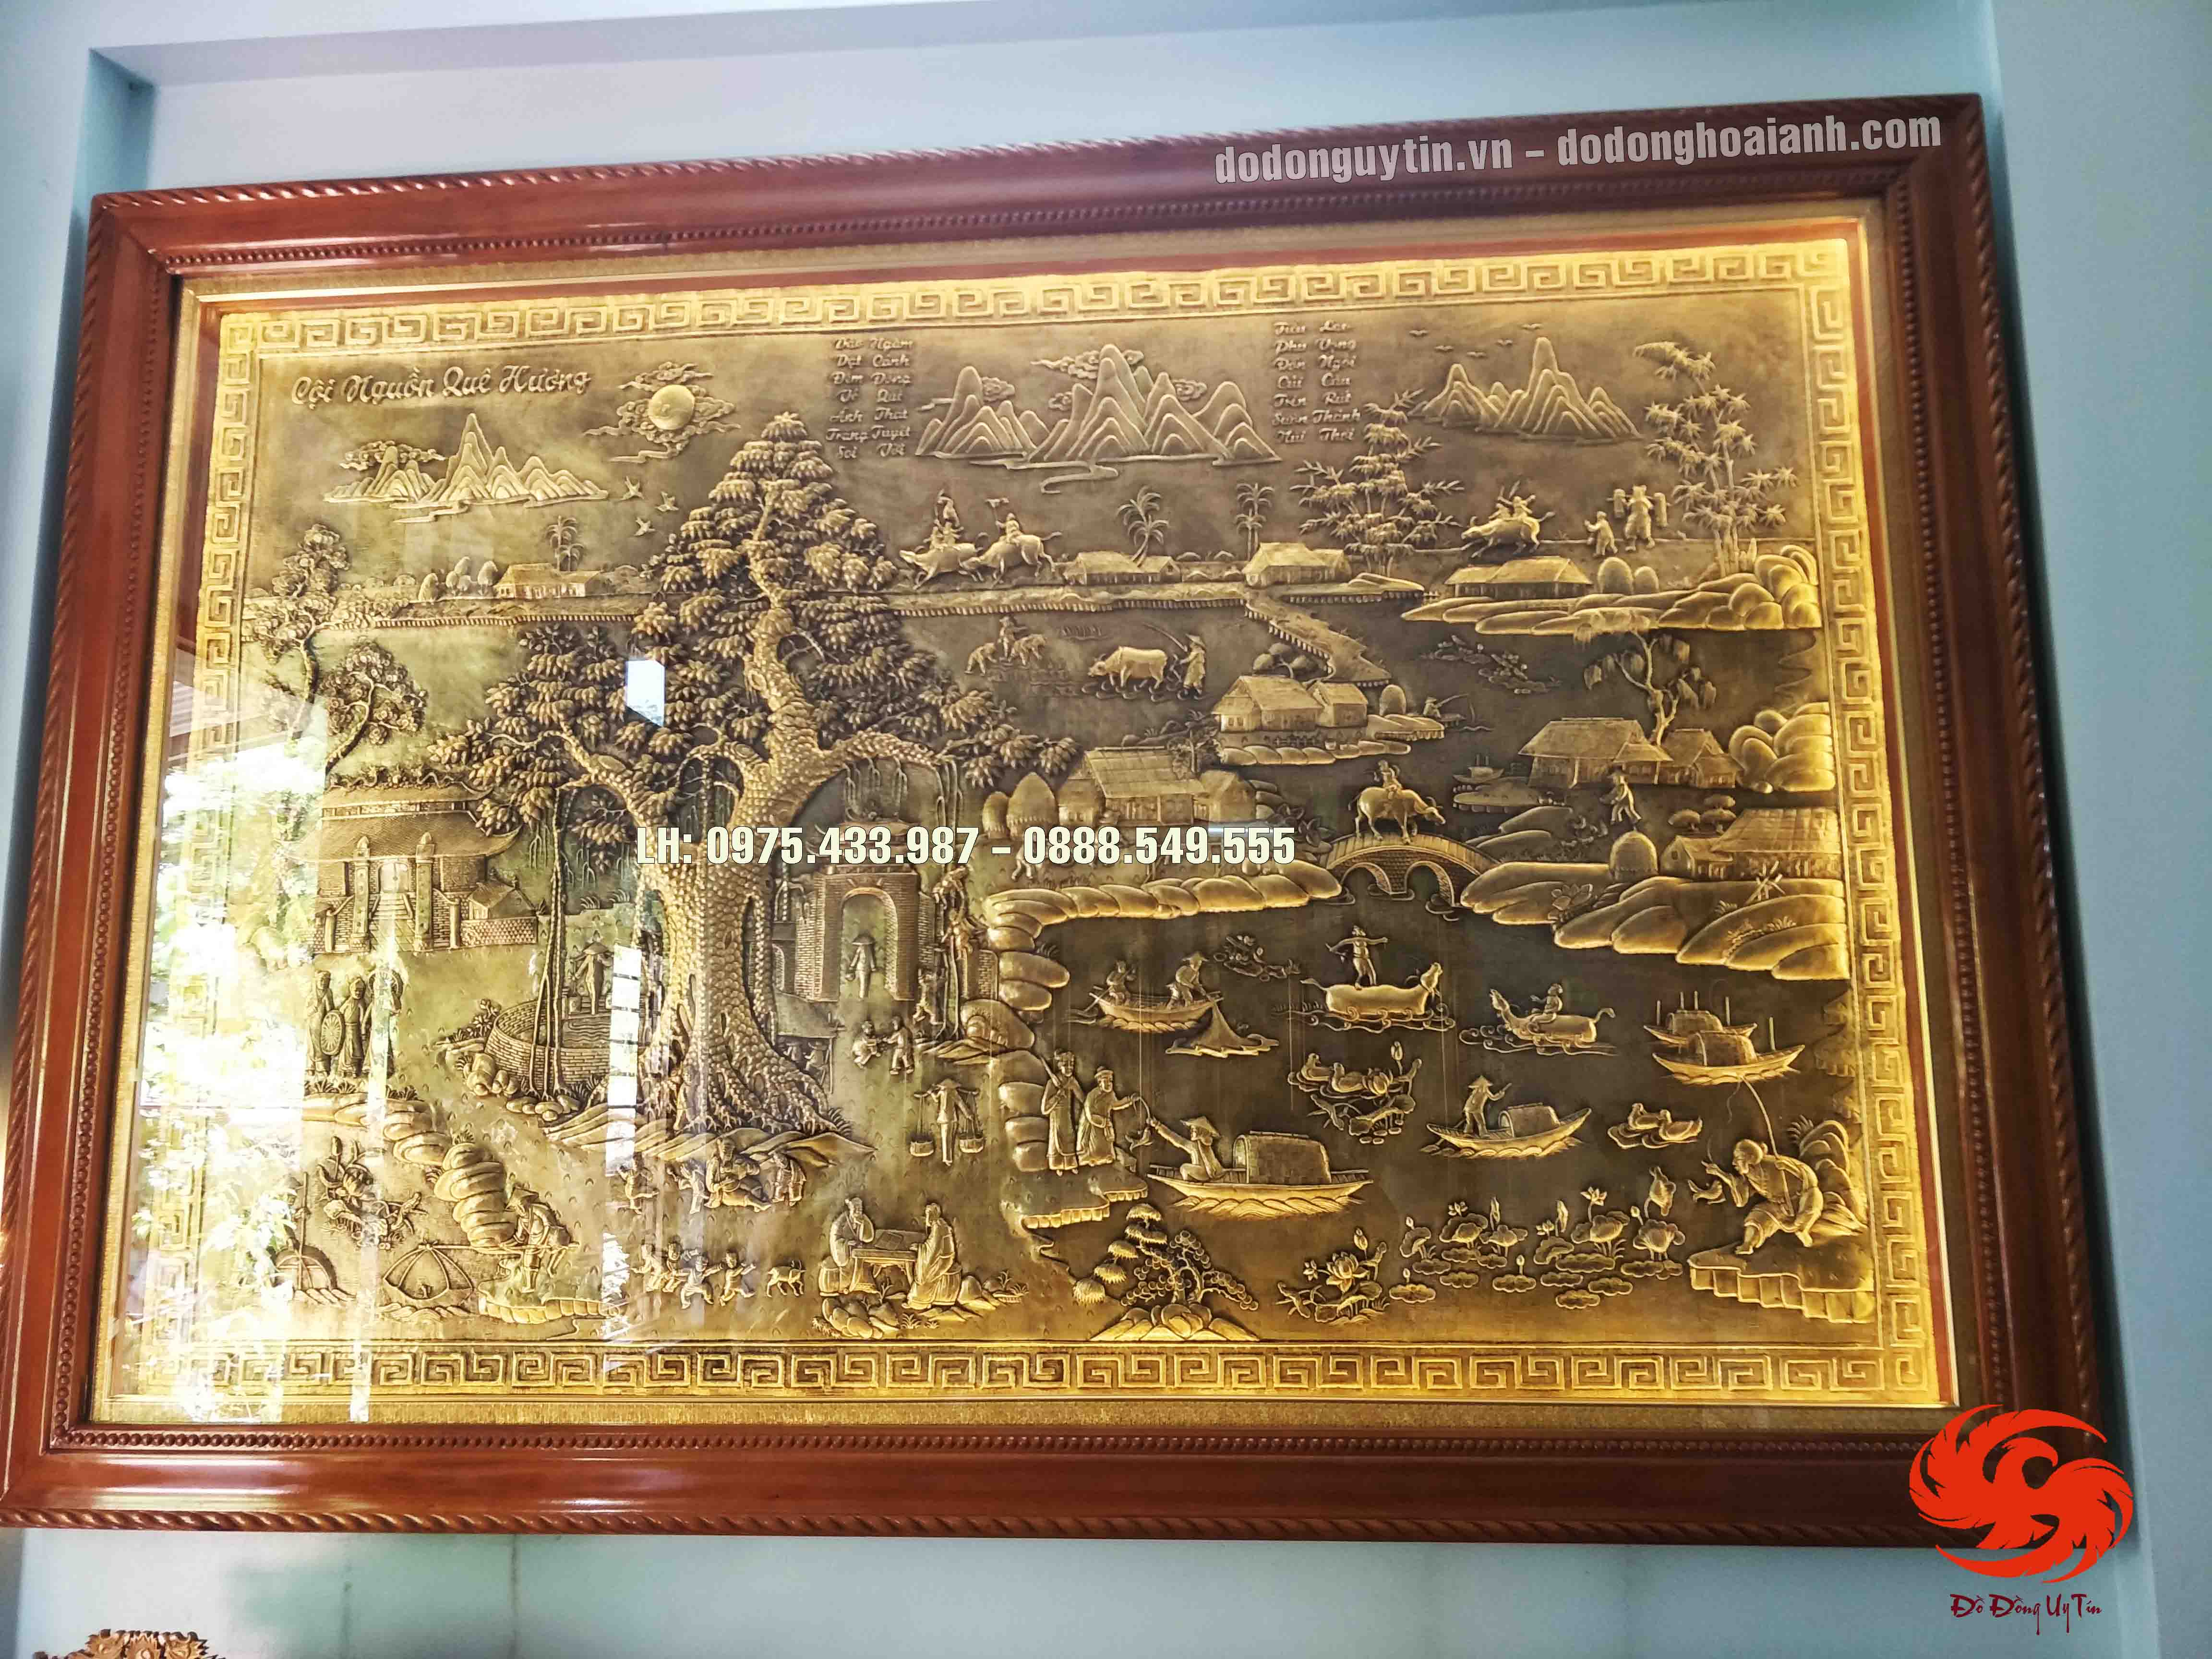 Tranh đồng cội nguồn quê hương 1m97 x 2m83 đồng vàng giả cổ tinh xảo